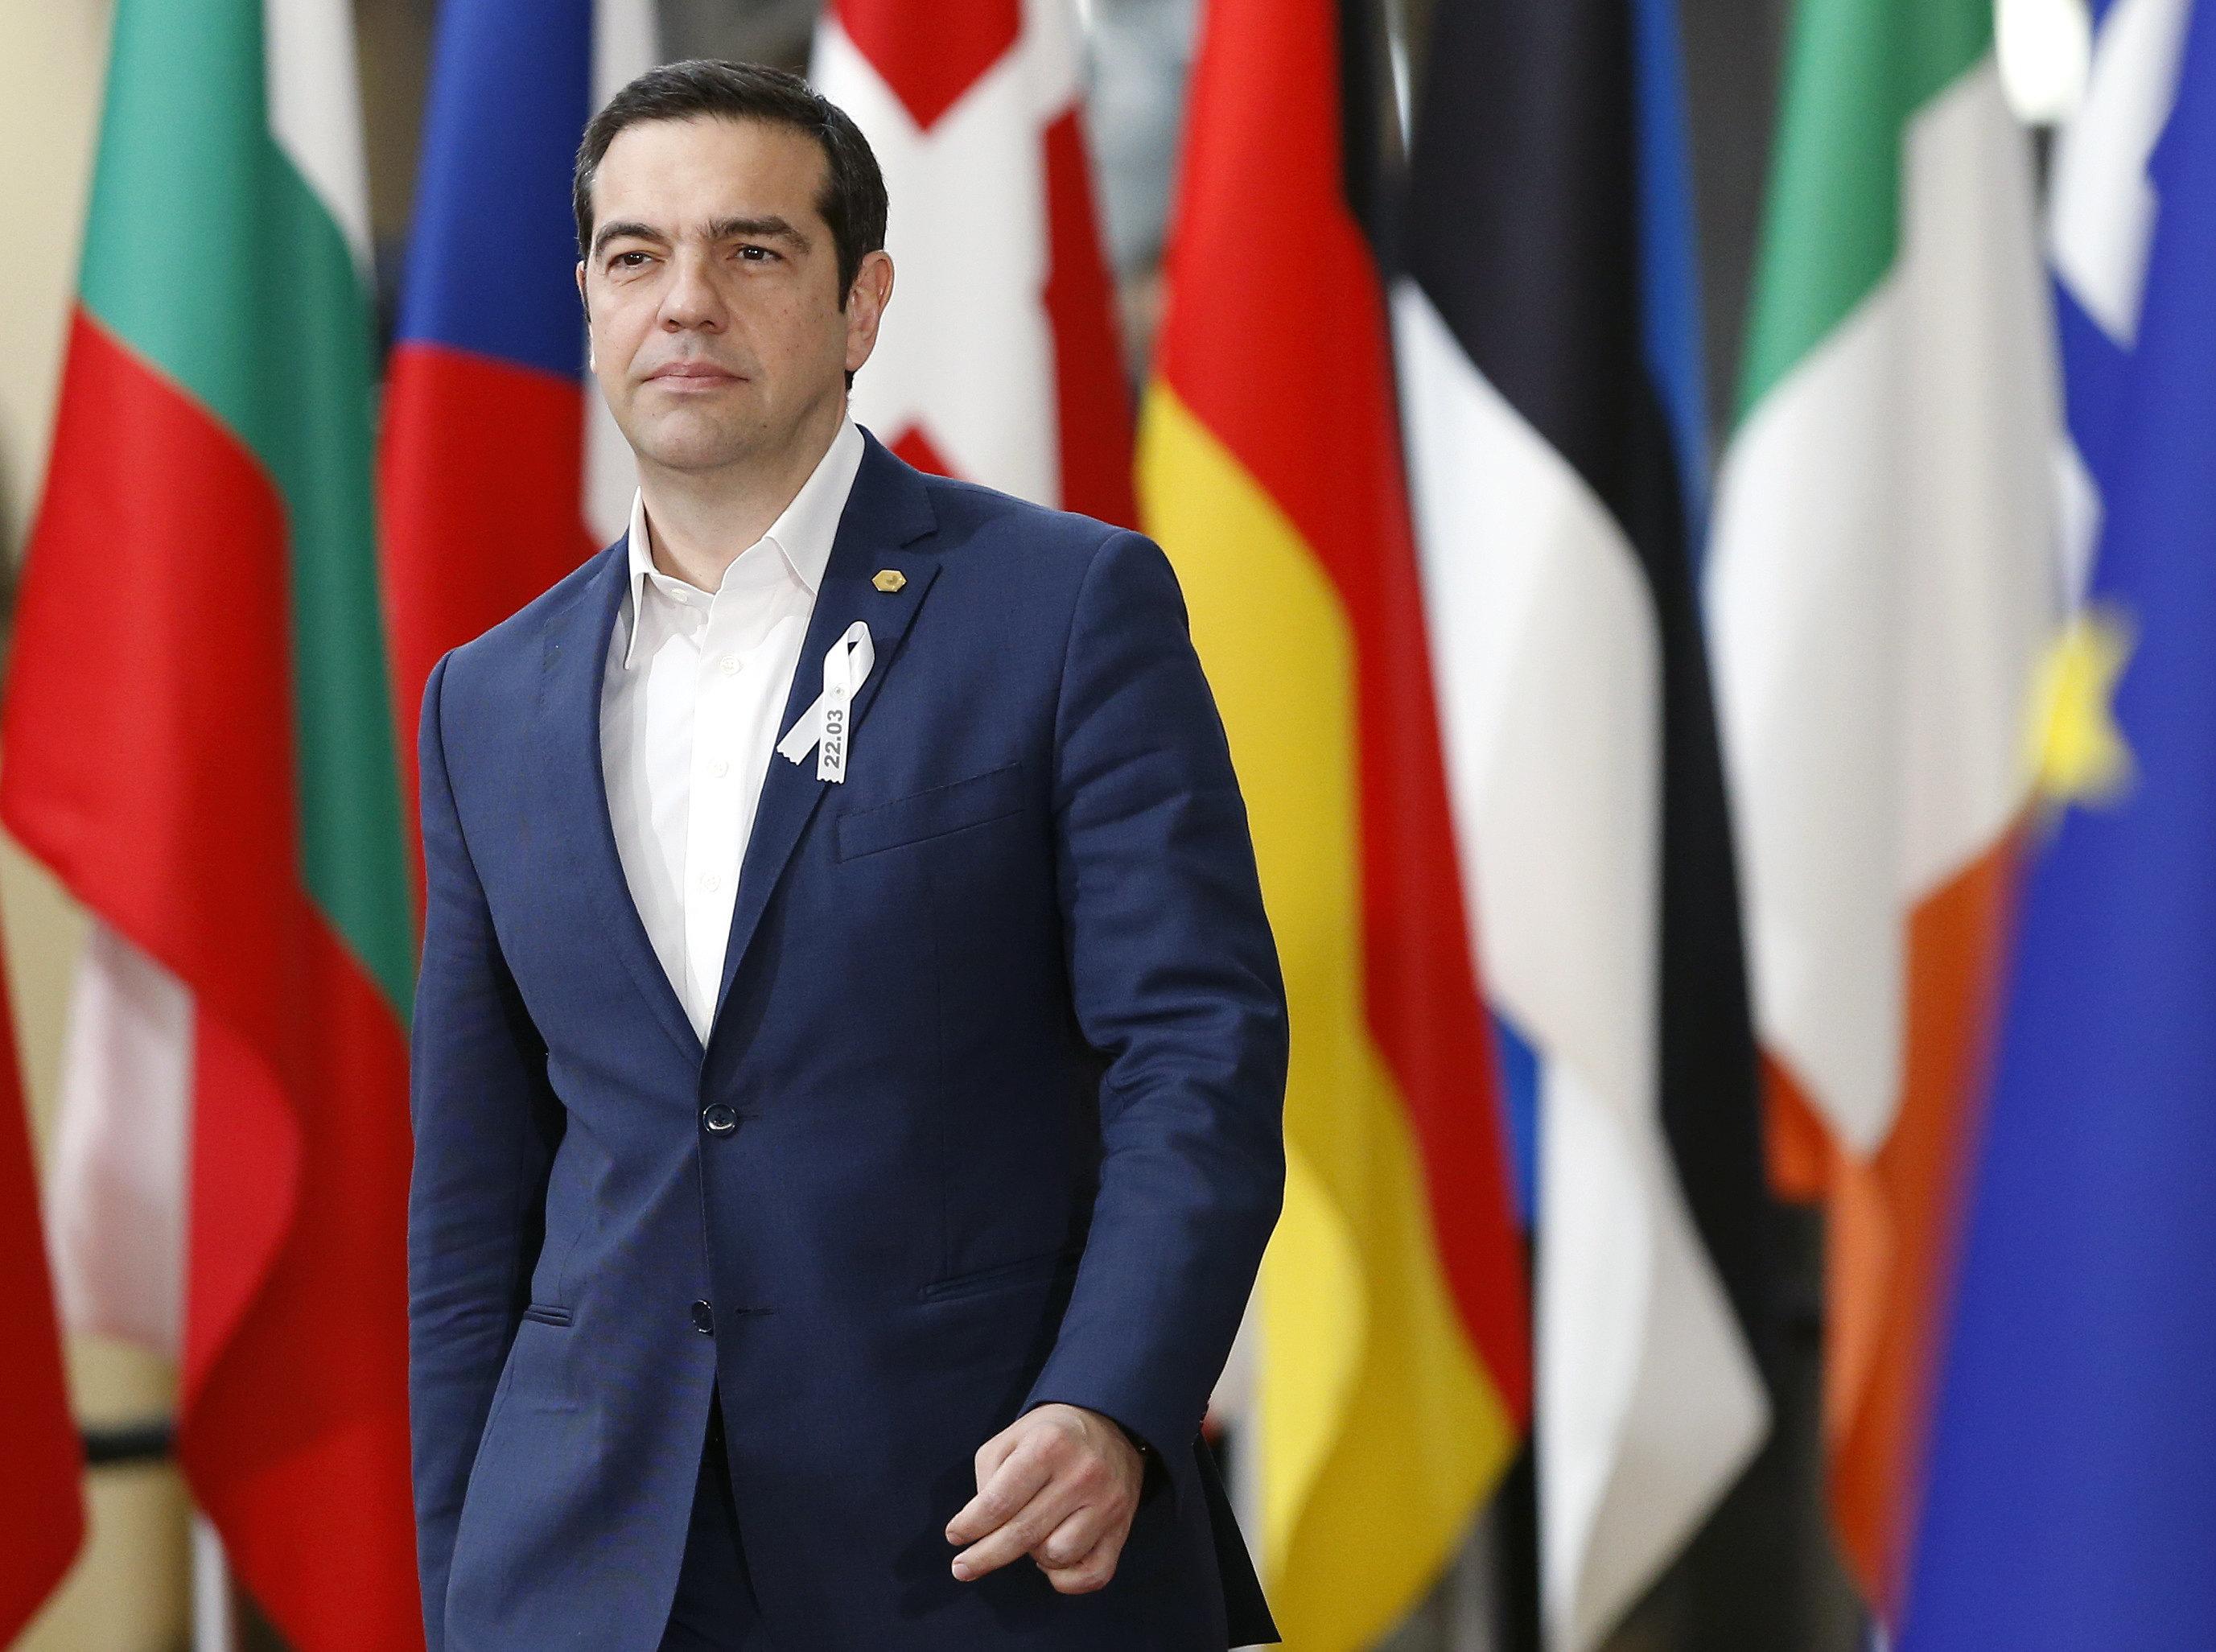 Τσίπρας στη Σύνοδο Κορυφής: Το Ευρωπαϊκό Συμβούλιο πρέπει να διατηρήσει ανοιχτές τις πόρτες του διαλόγου με την